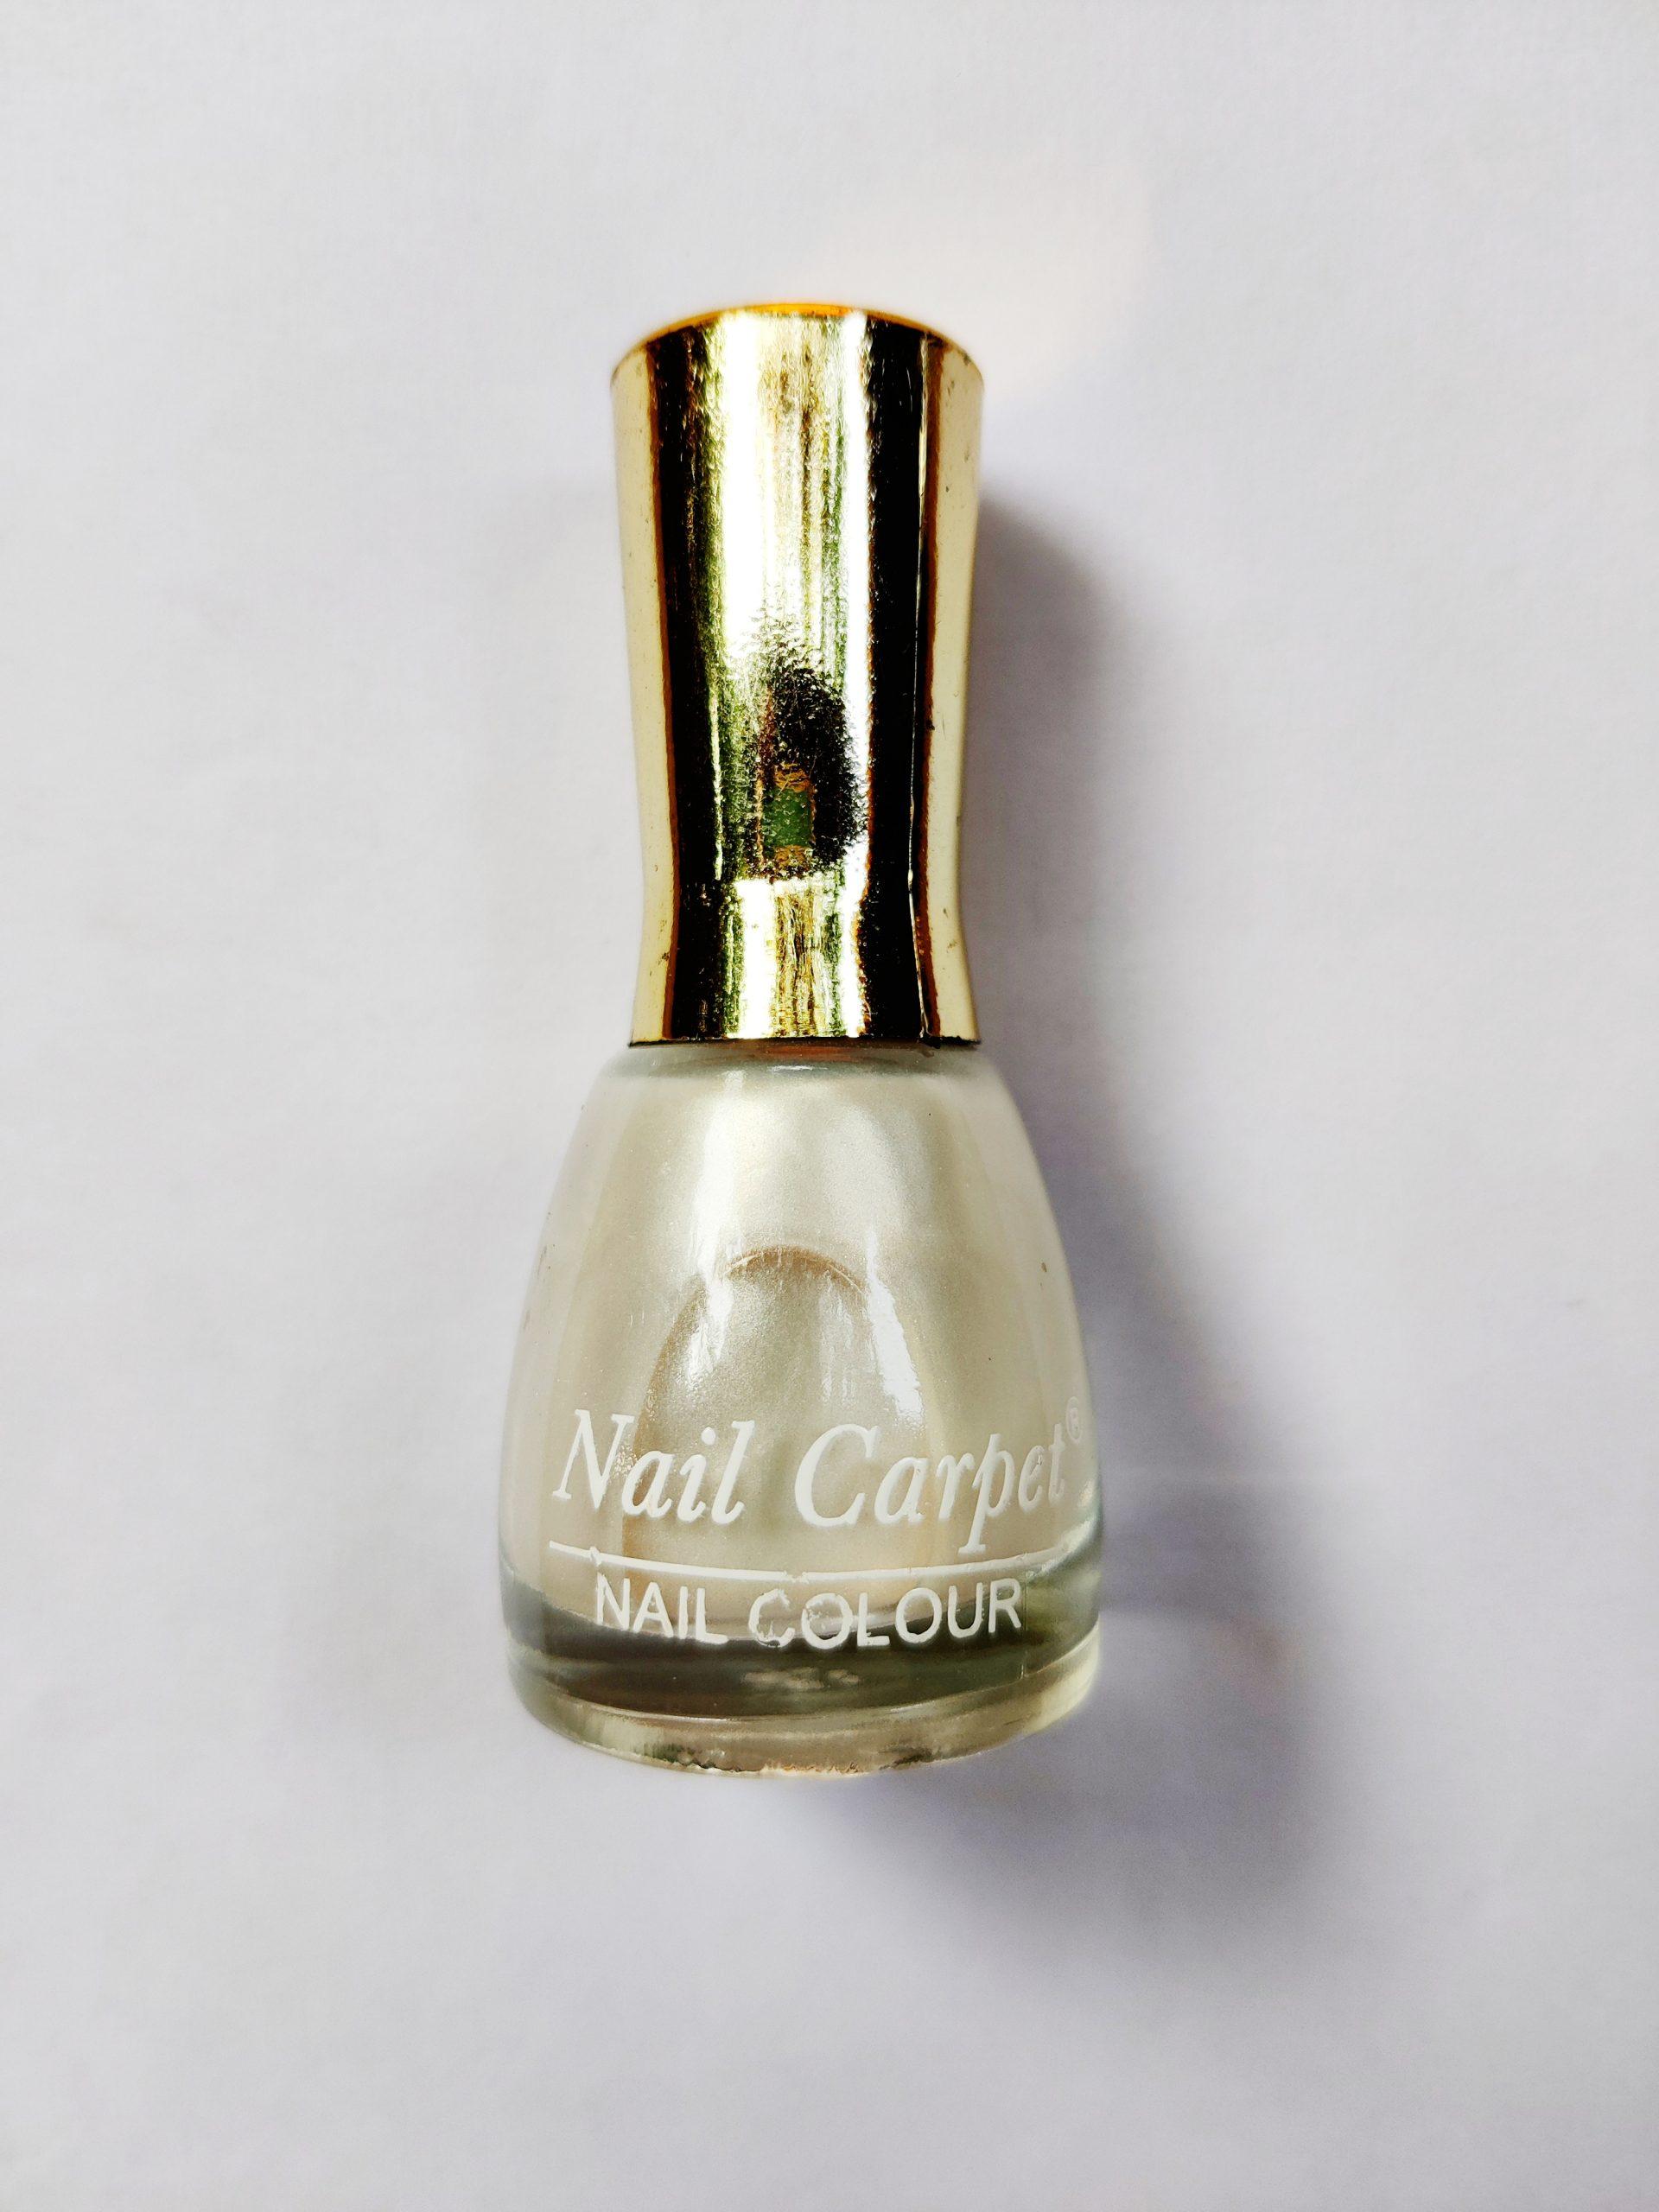 A nail paint bottle